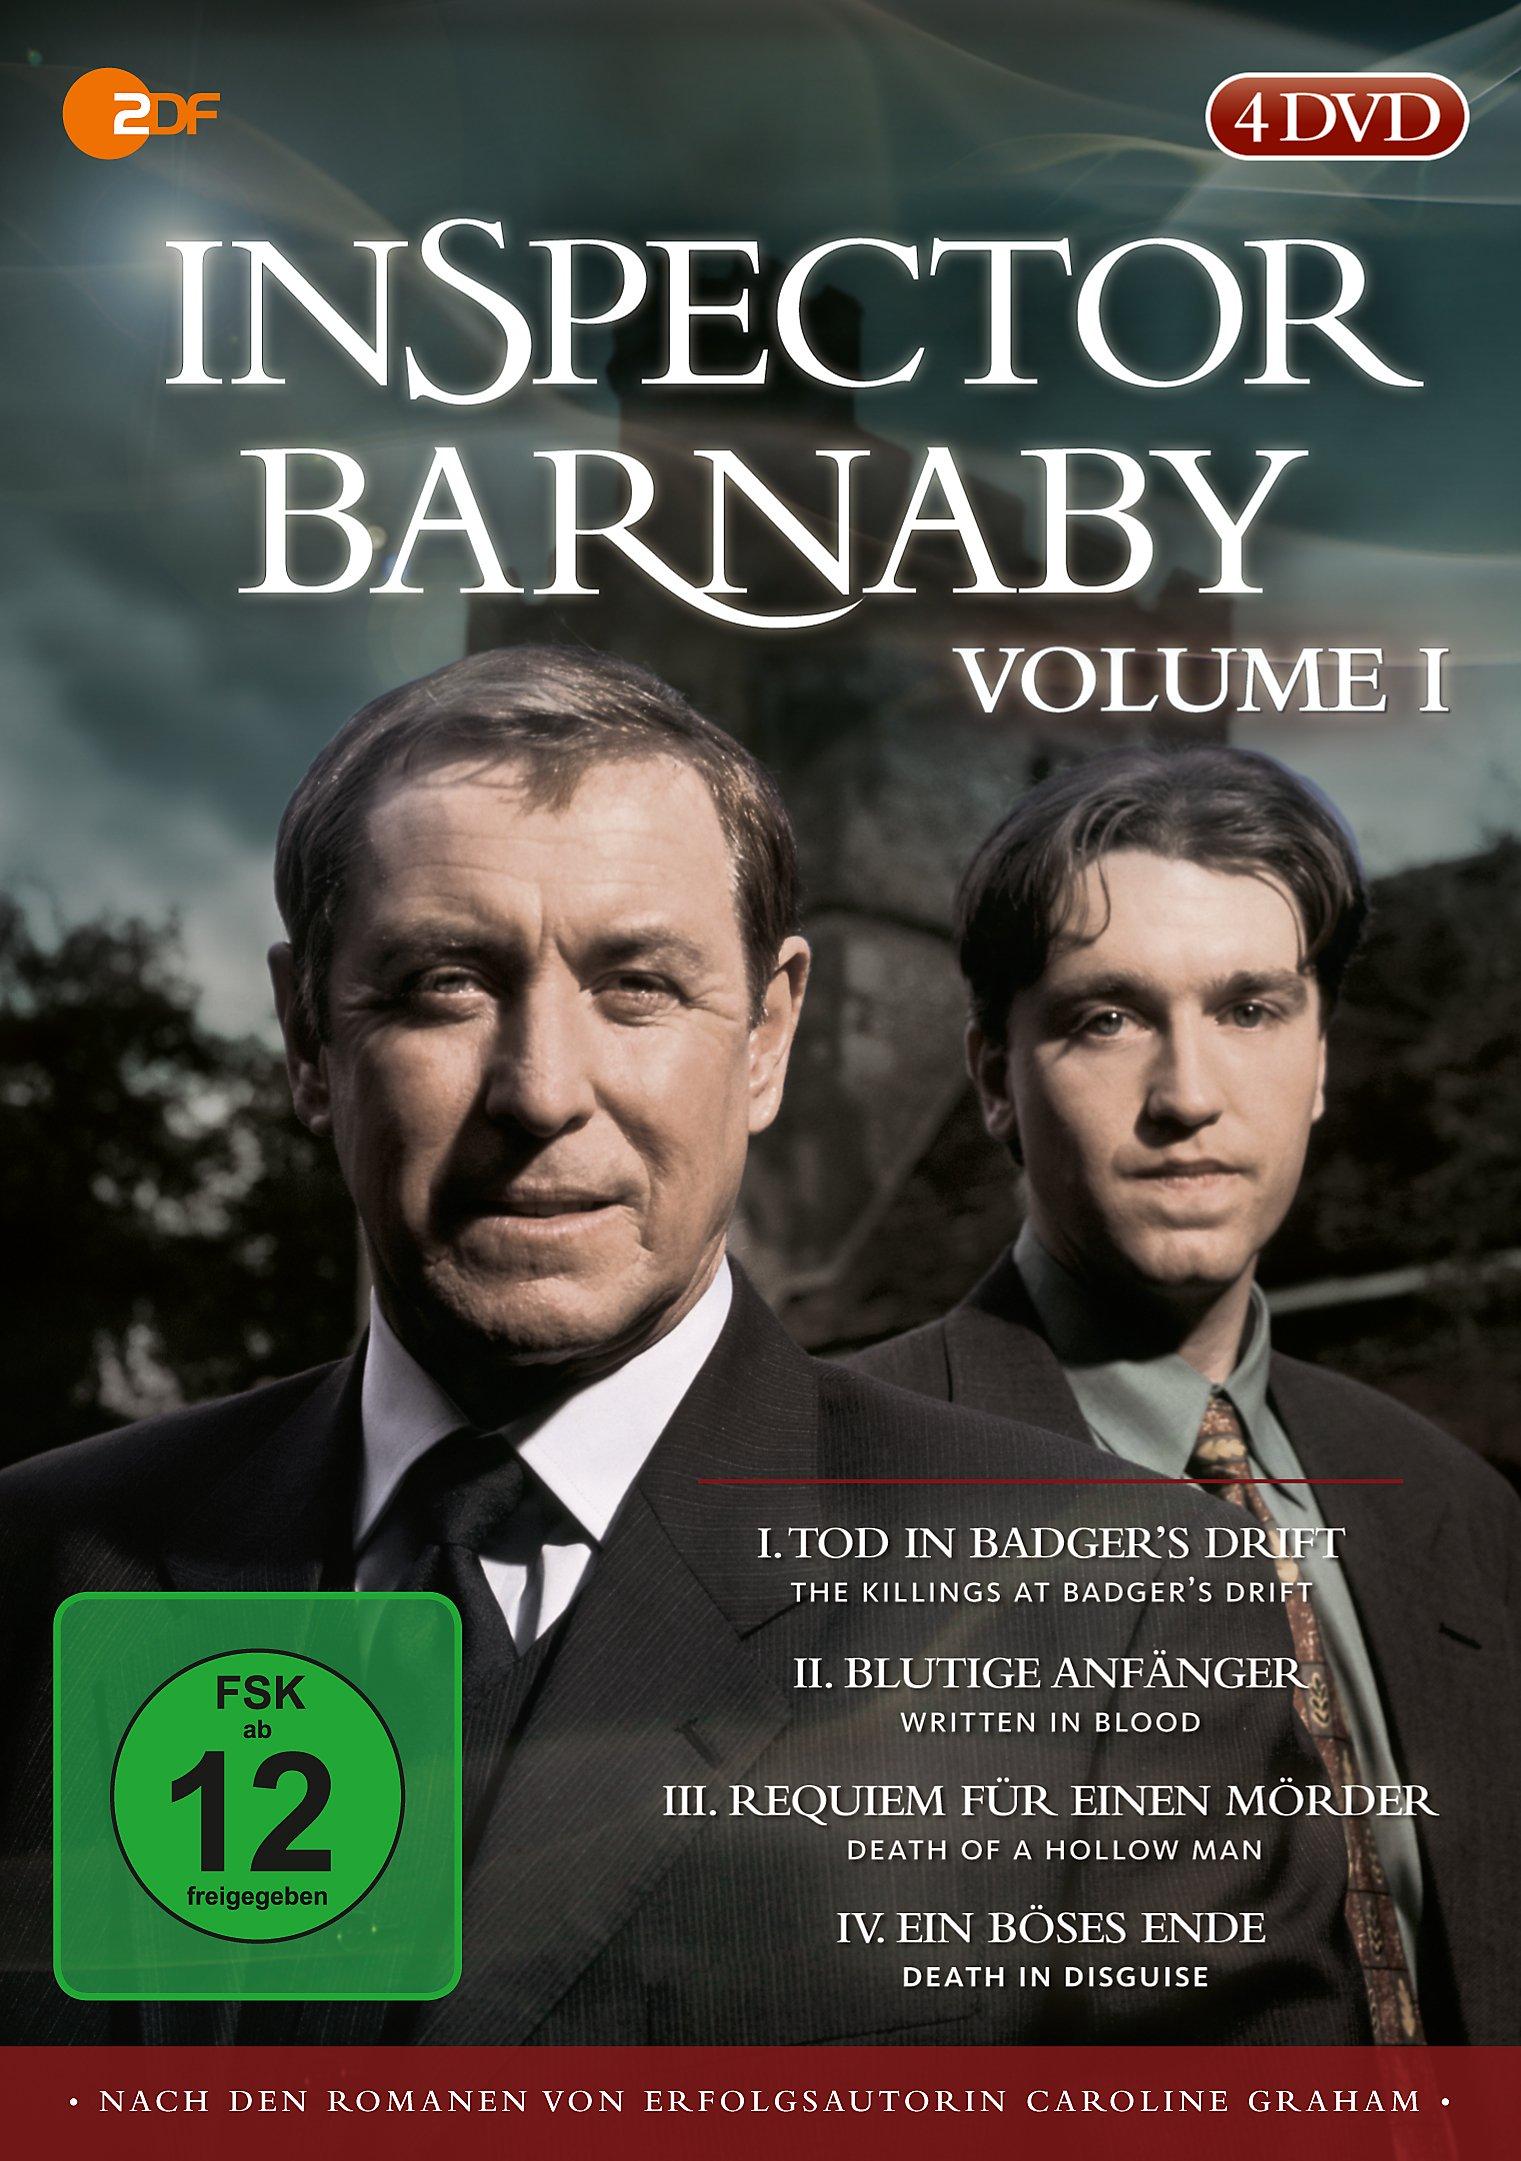 Inspector Barnaby Vol 1 Dvd Bei Weltbildat Bestellen